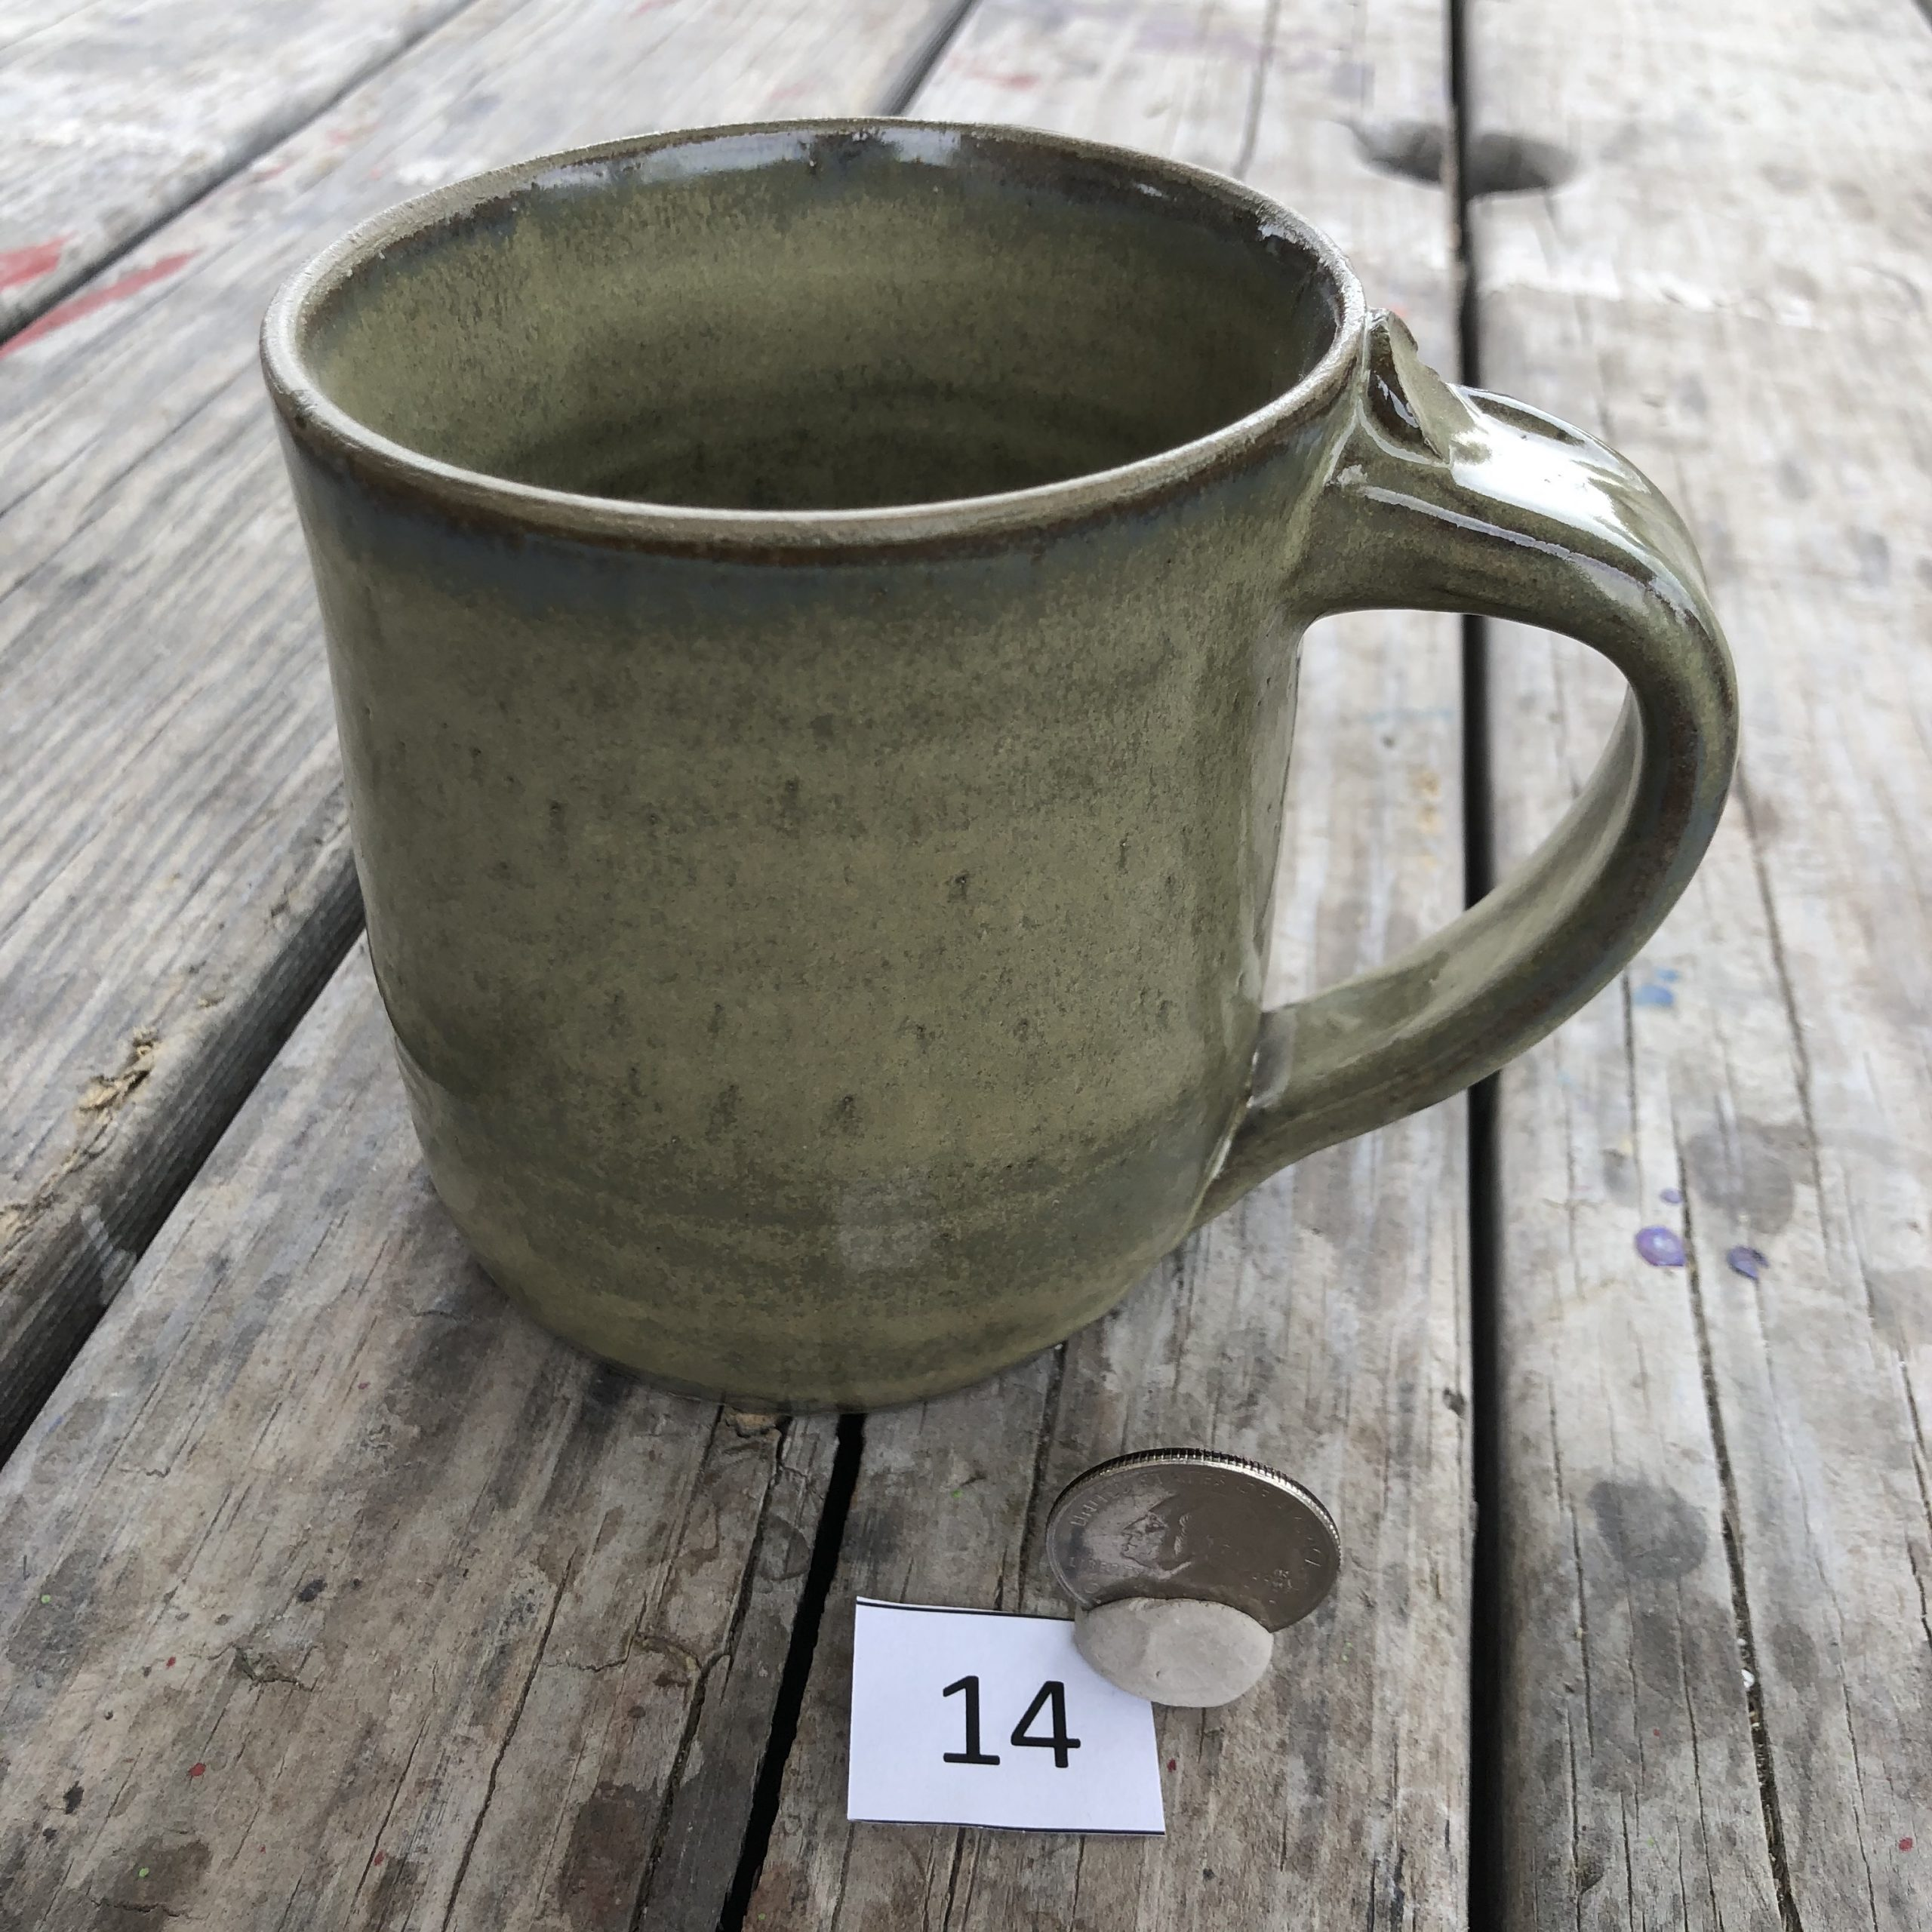 Betsy Curtiss Grey/Green Mug #14